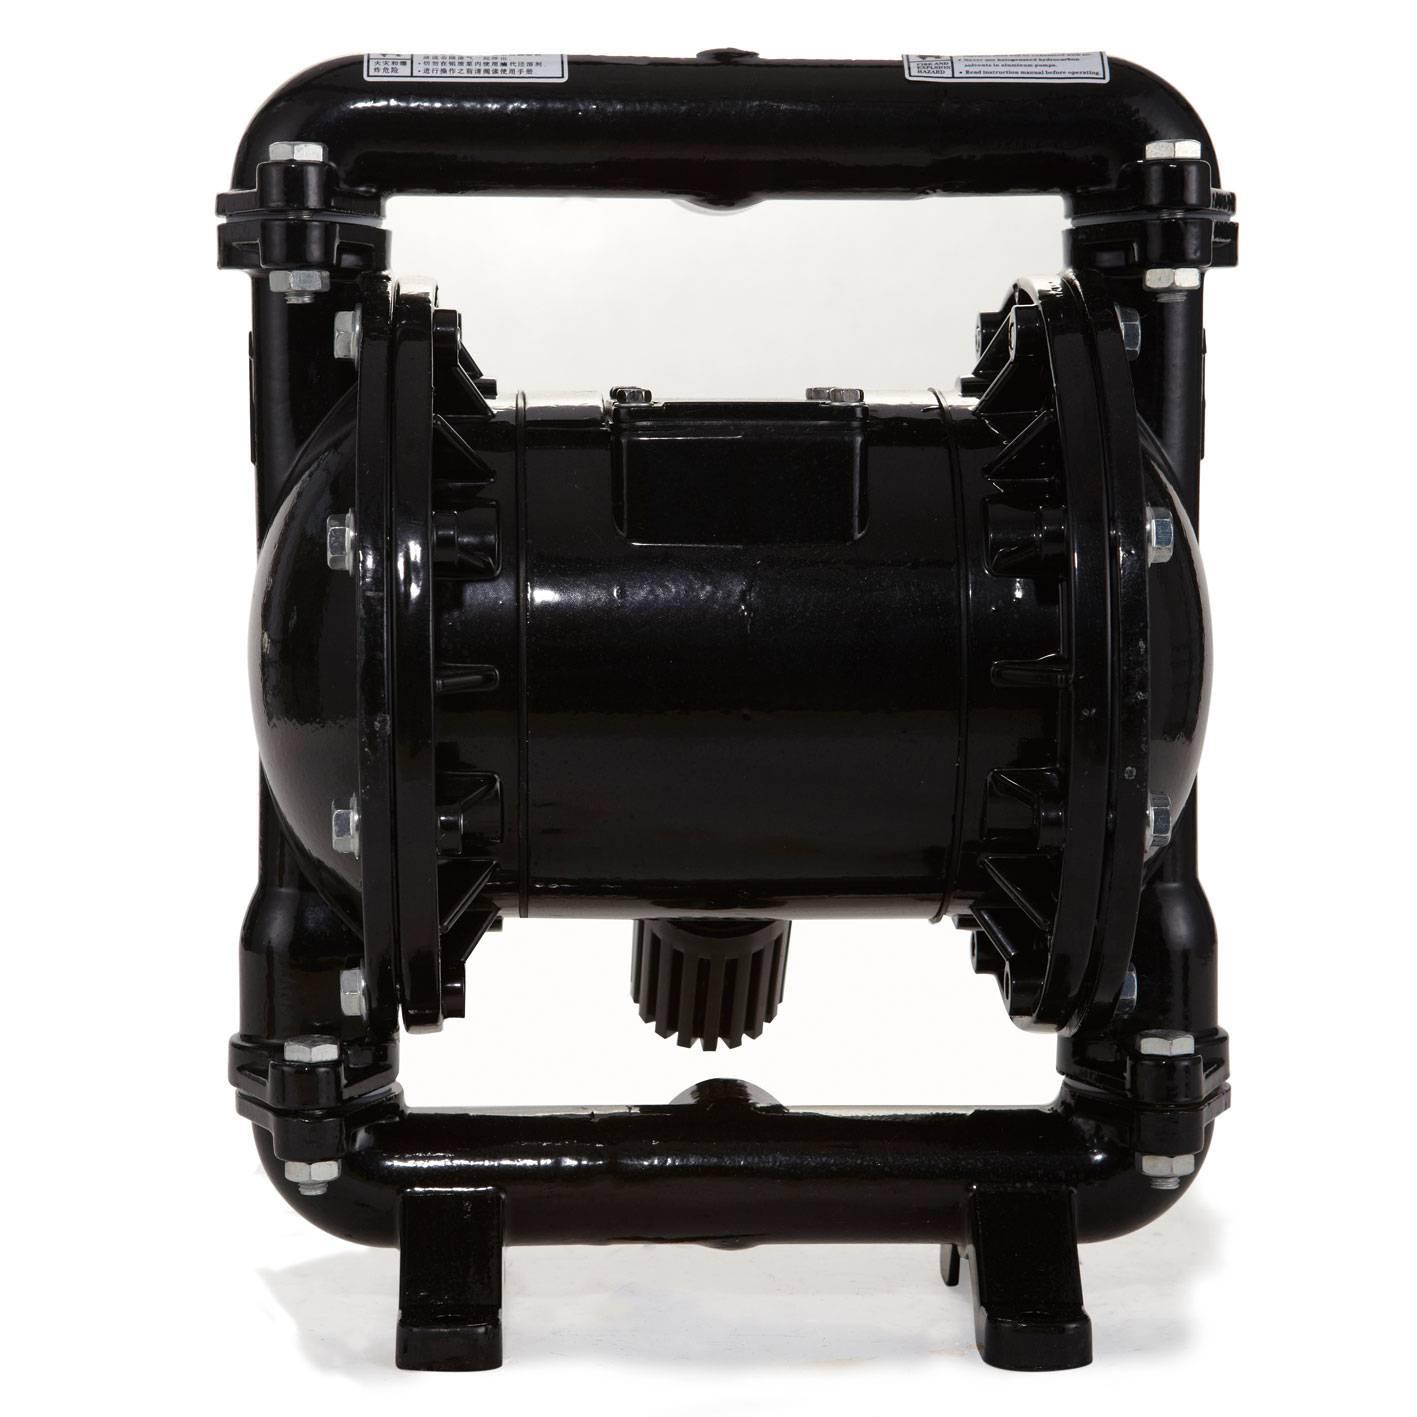 QBY3- 20 / 25 Air Operated Diaphragm Pump